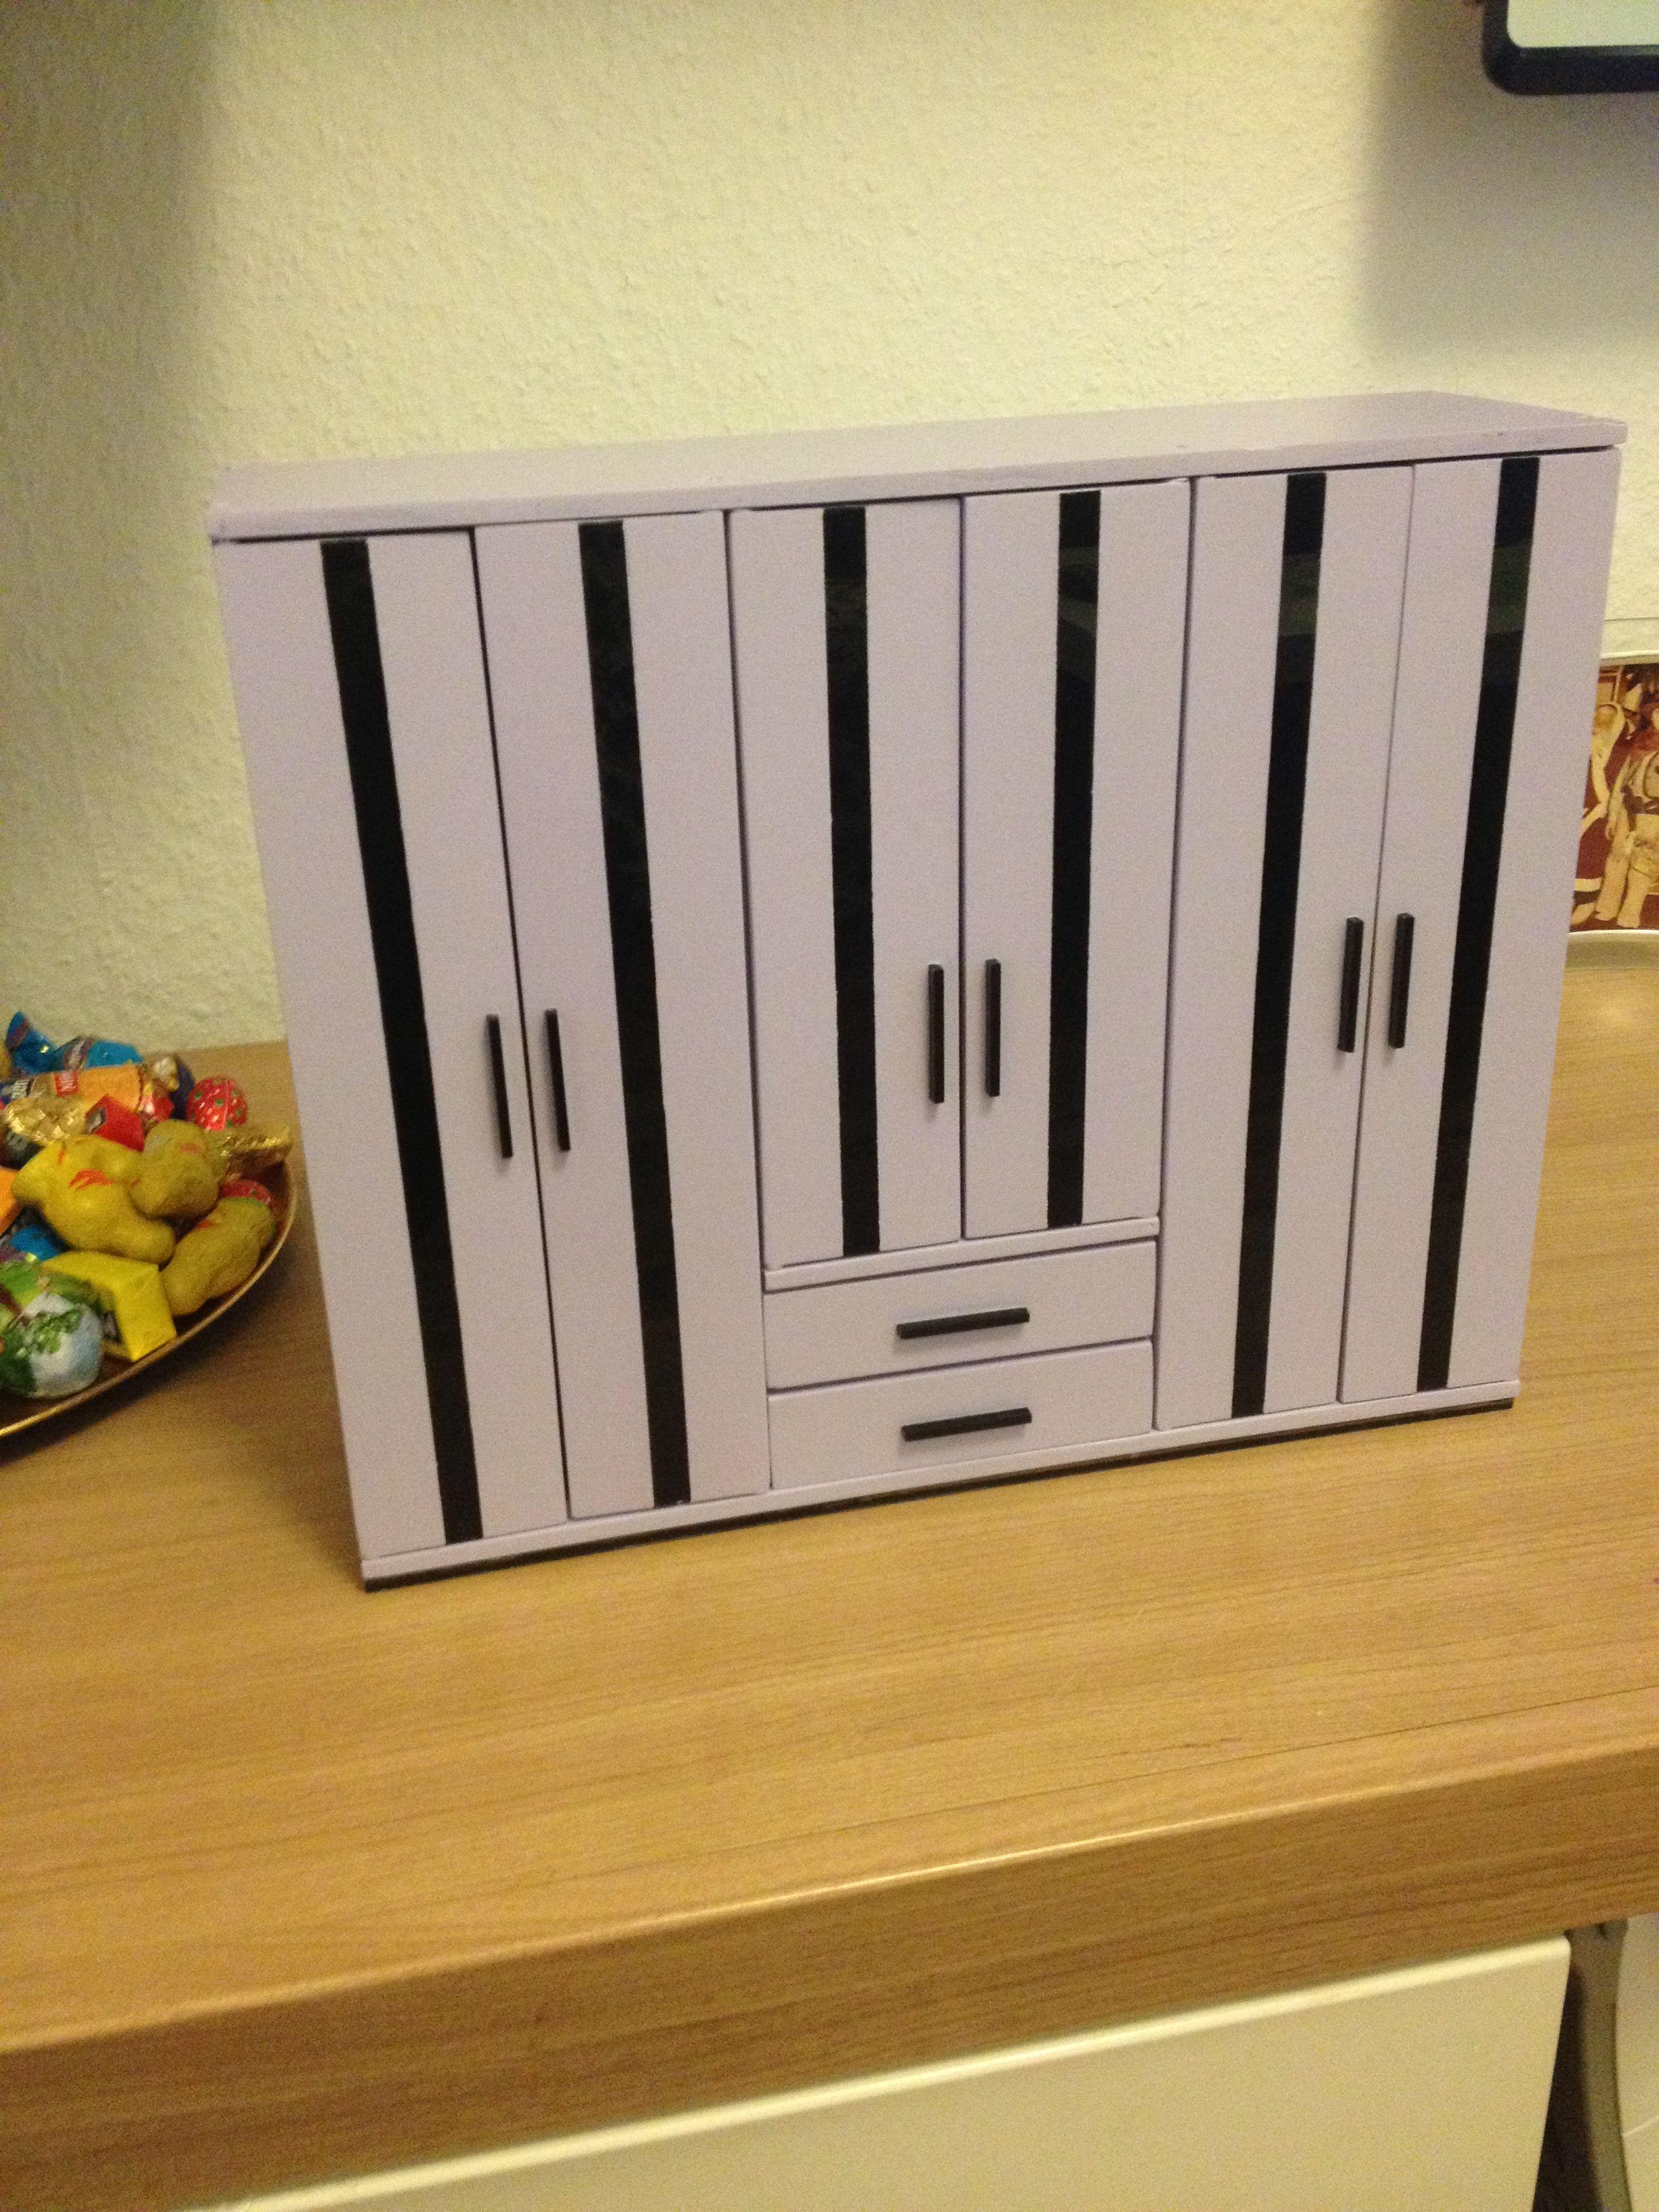 kleiderschrank f r puppen bauanleitung zum selber bauen. Black Bedroom Furniture Sets. Home Design Ideas